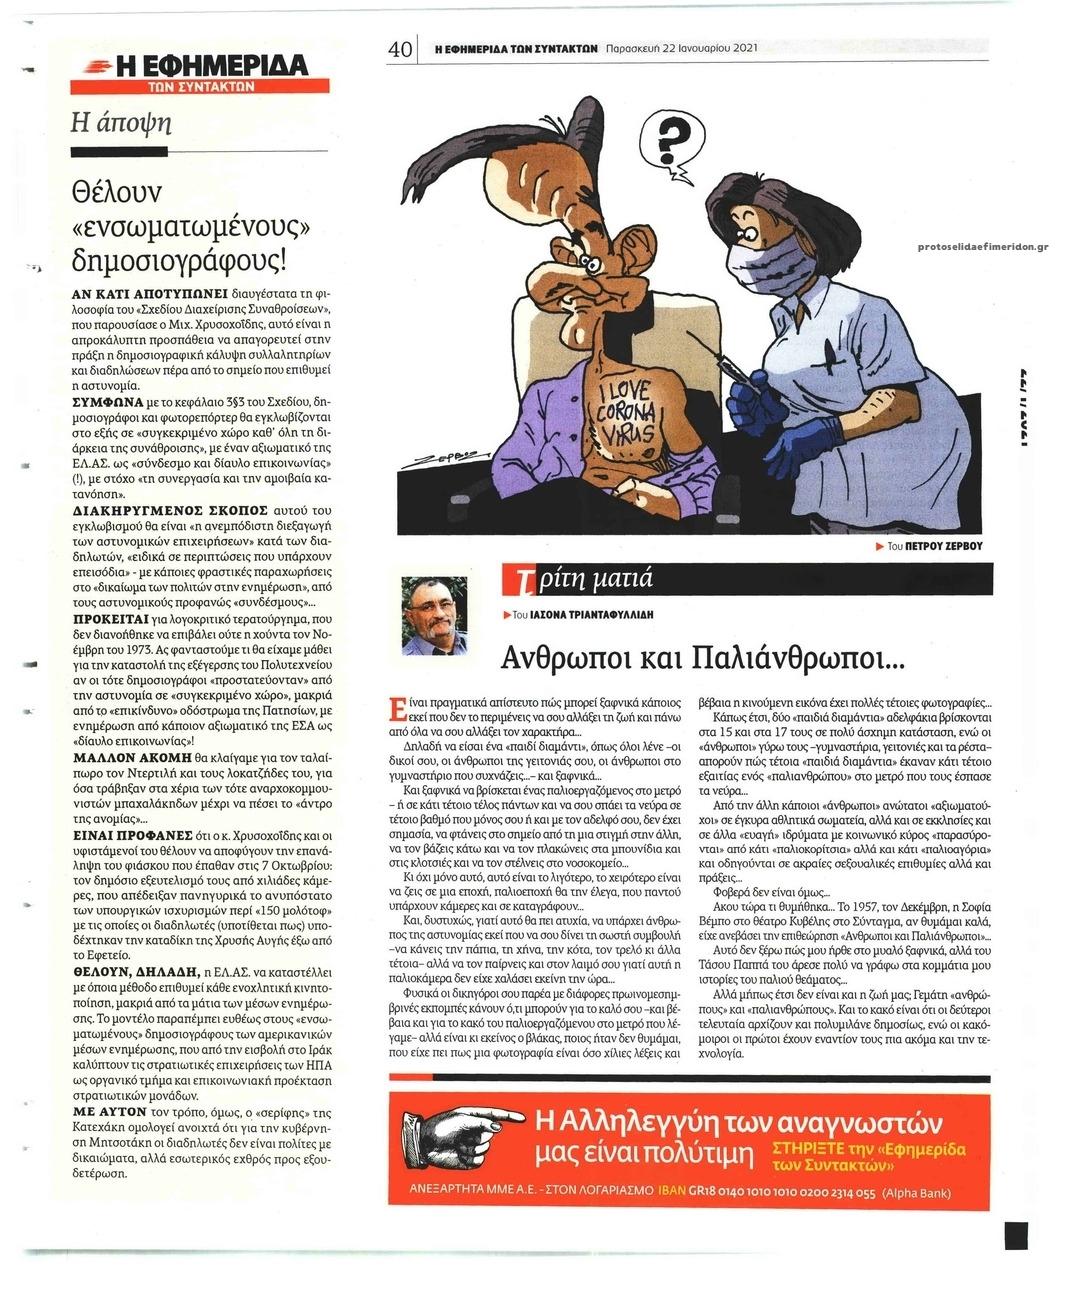 Οπισθόφυλλο εφημερίδας Των συντακτών